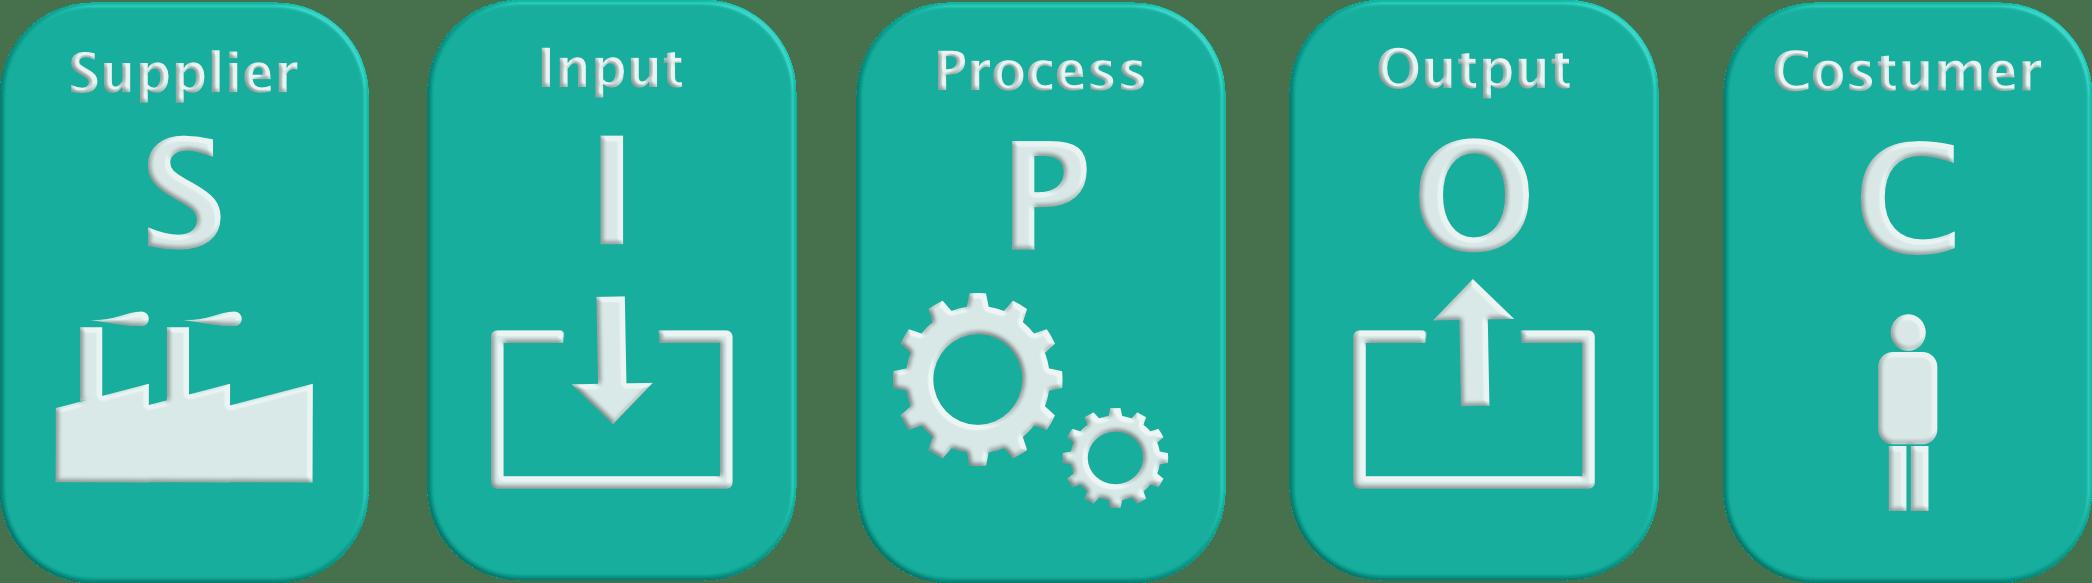 Wenn Sie mehr Transparenz über Ihre Prozesse benötigen